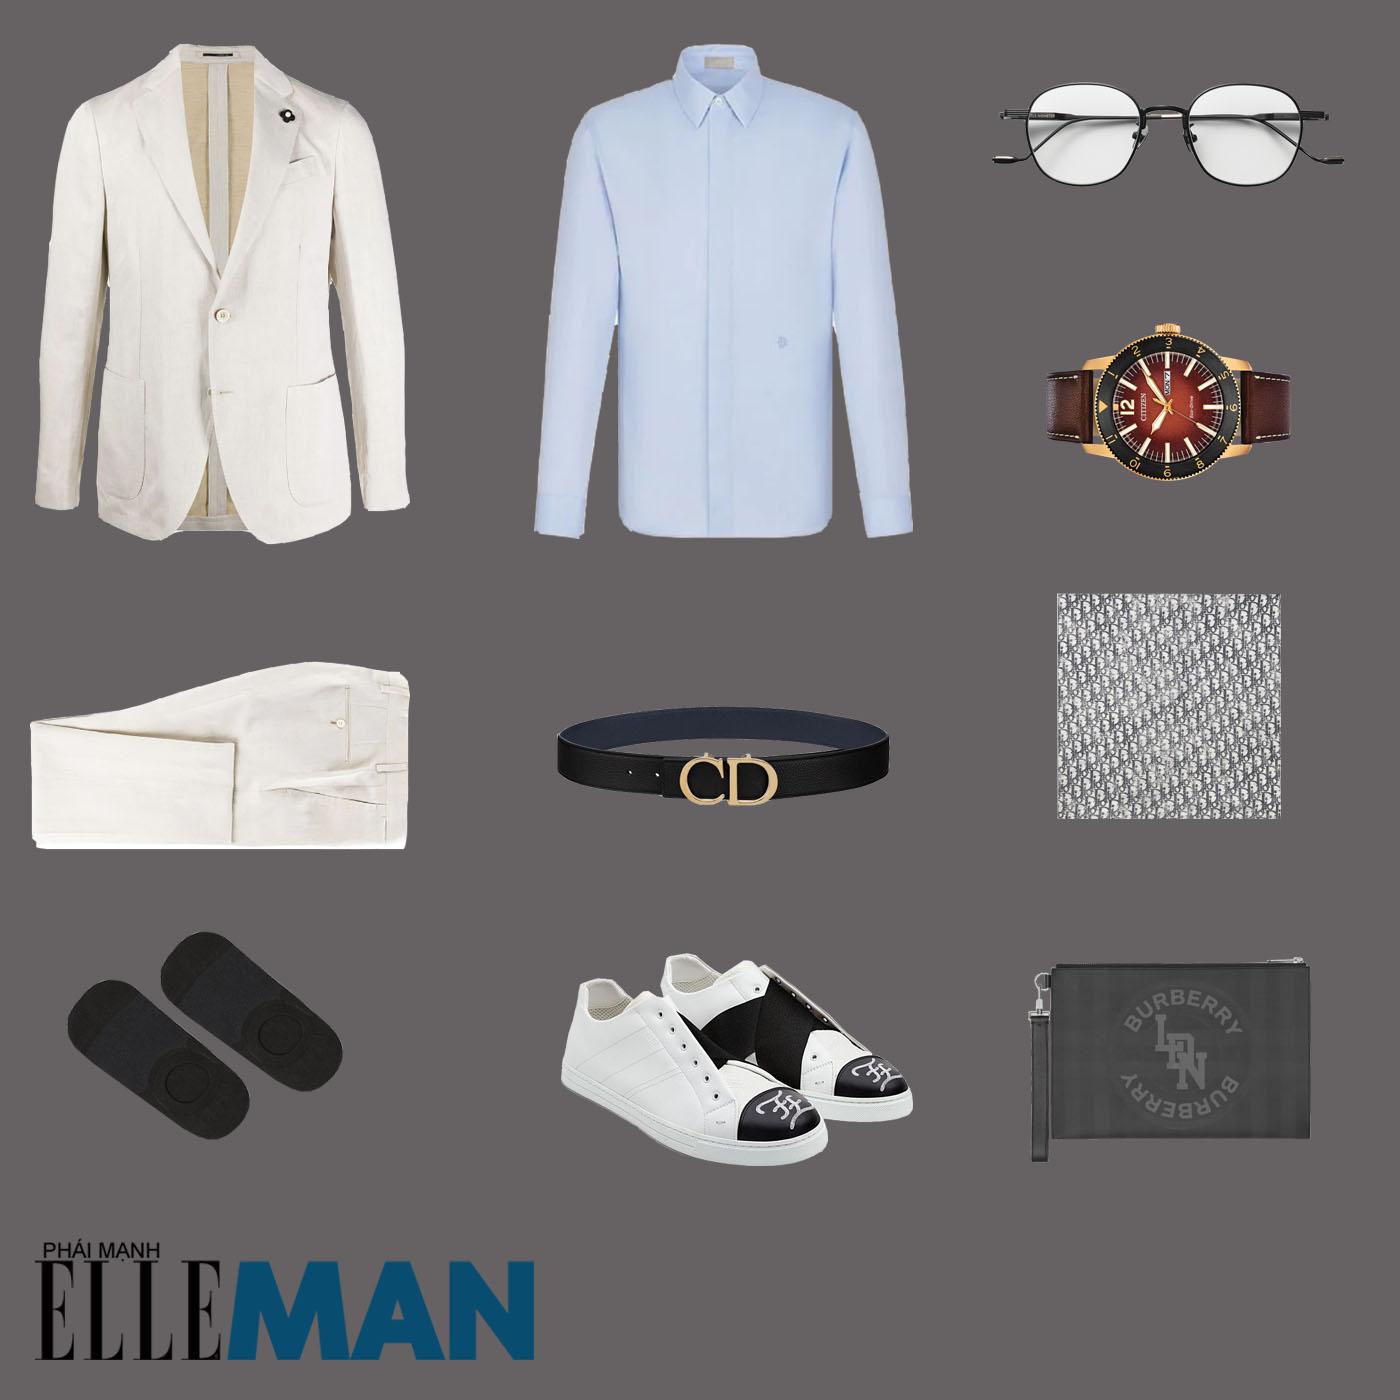 outfit 5 - phối trang phục vải linen